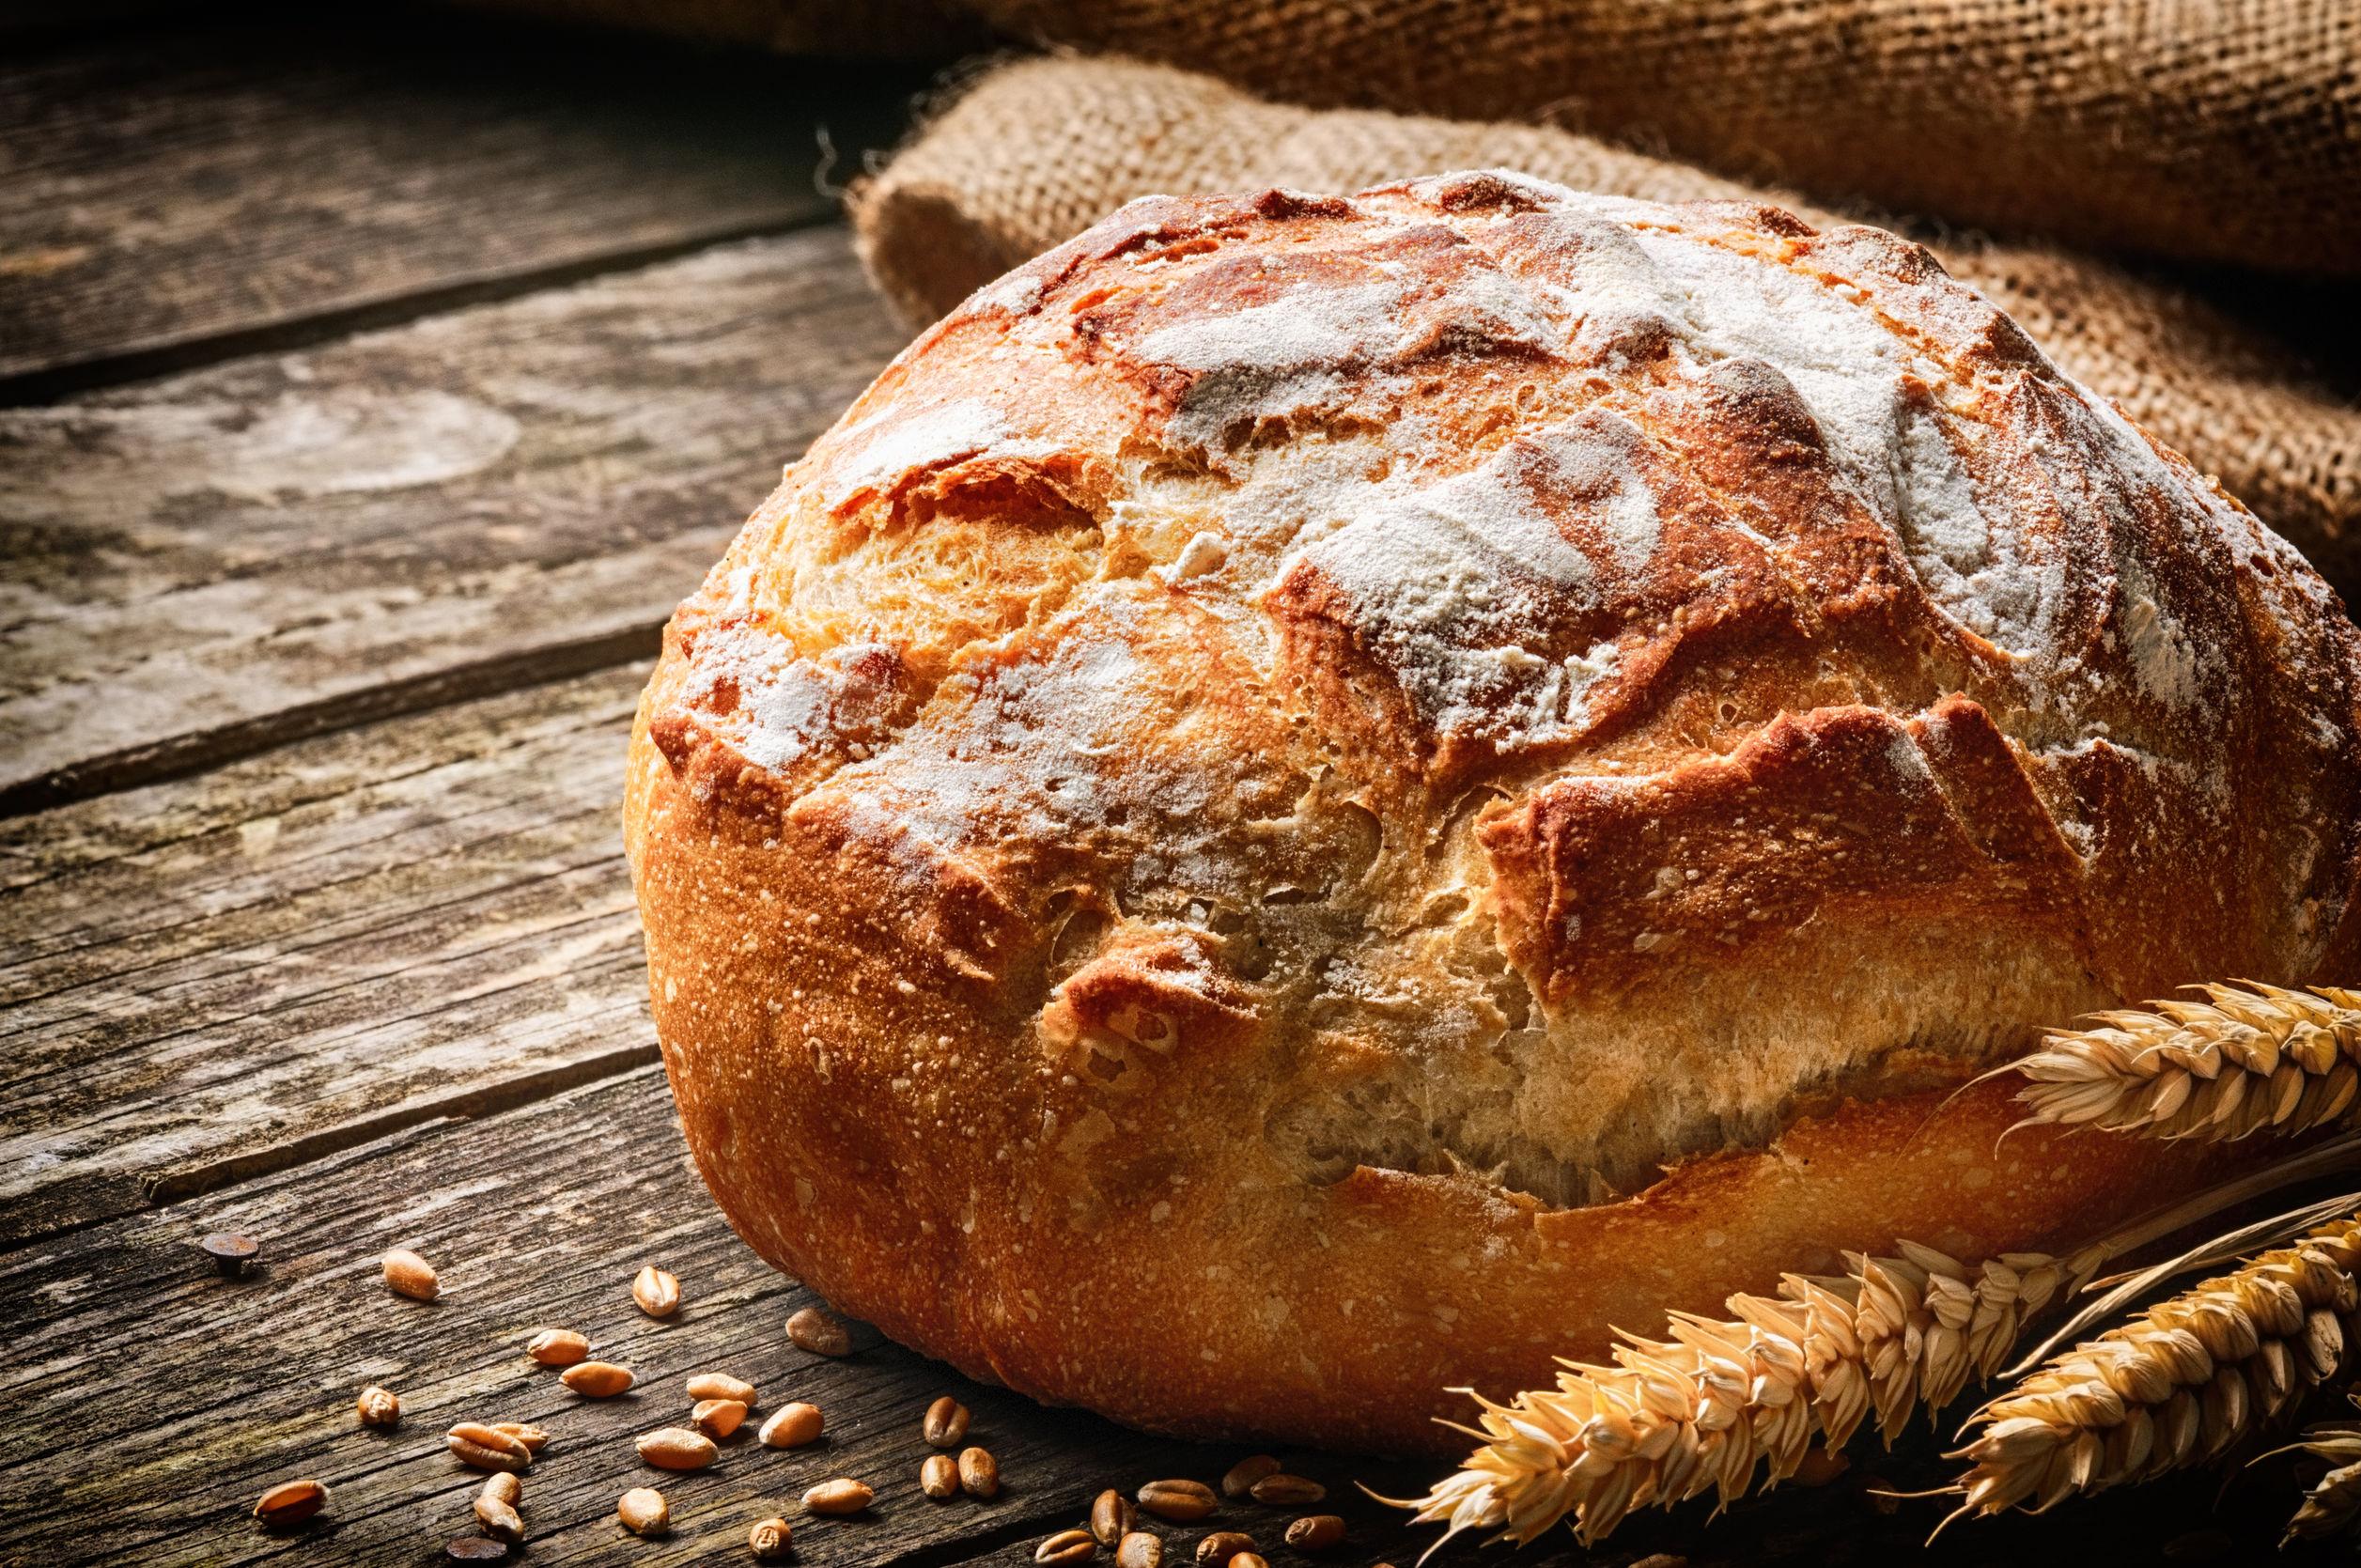 Cum să-și faci propria maia naturală pentru pâine. Vezi rețeta secretă